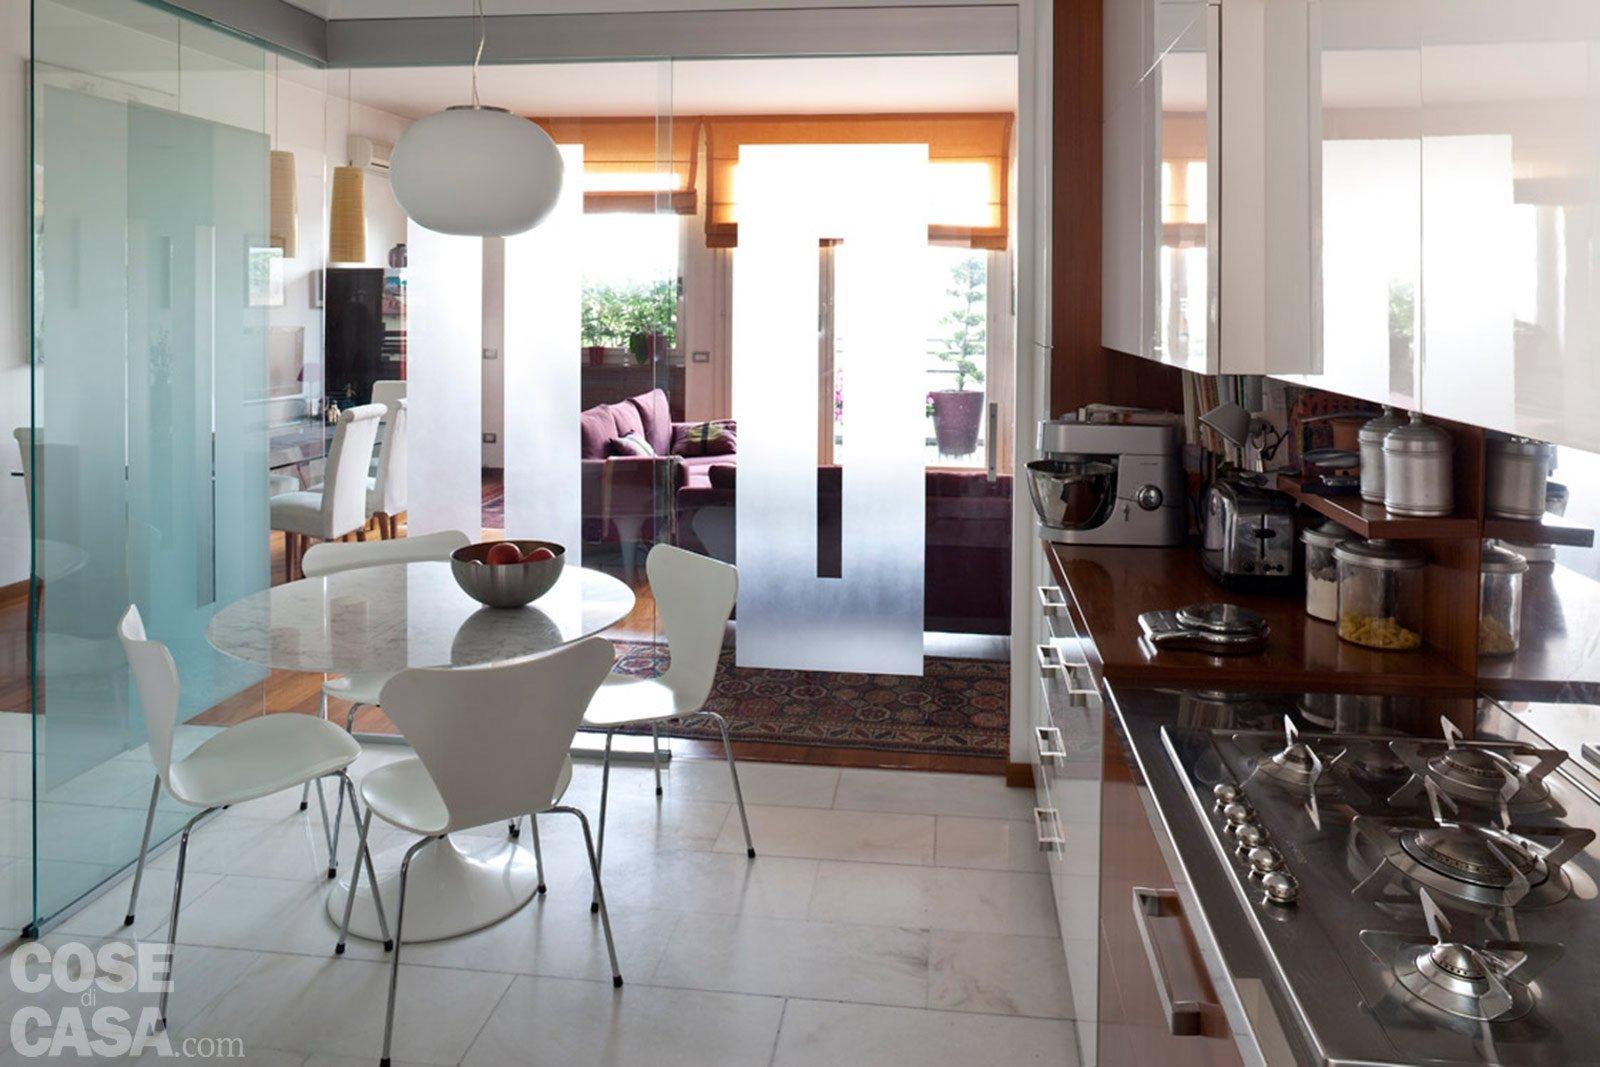 Una Casa Rinnovata Nel Look Con Luce Moltiplicata Cose Di Casa #A0592B 1600 1067 Come Disporre Il Tavolo Da Pranzo